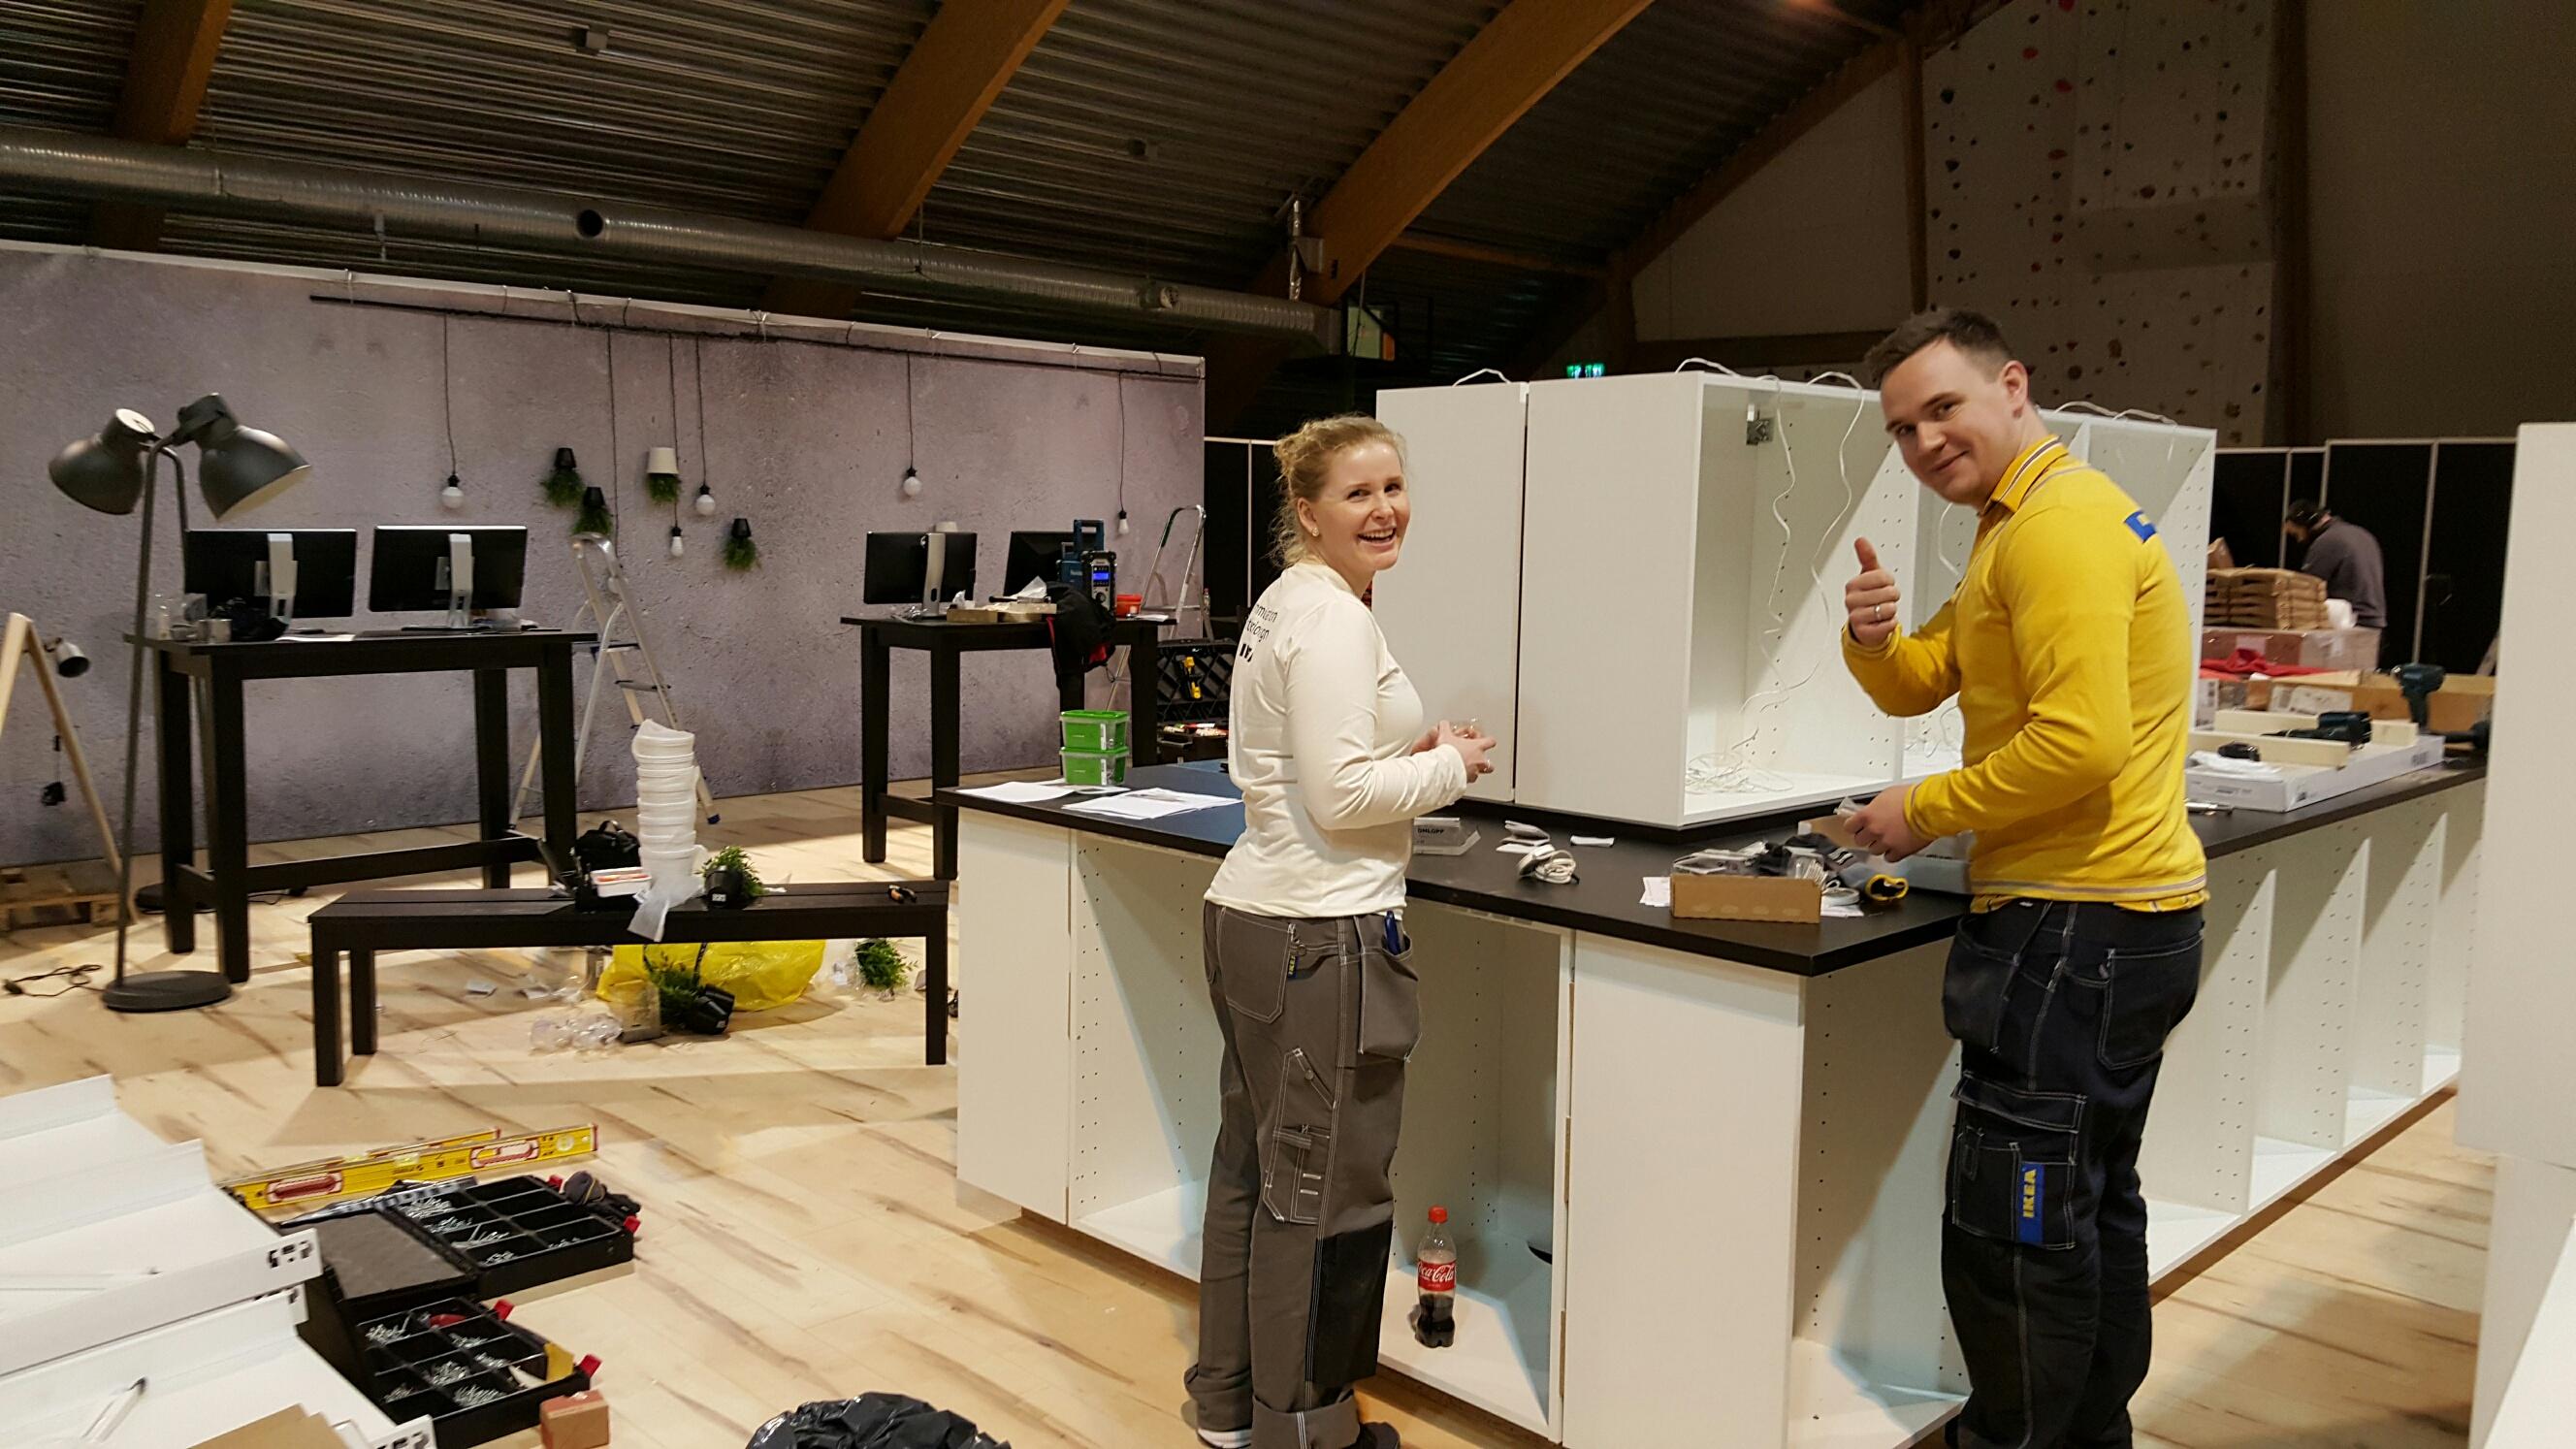 Alle i Mosjøen og omegn kan nå glede seg over at IKEA er tilgjengelig for kjøkkensalg i nærområdet i tre dager, 20. - 22. november.